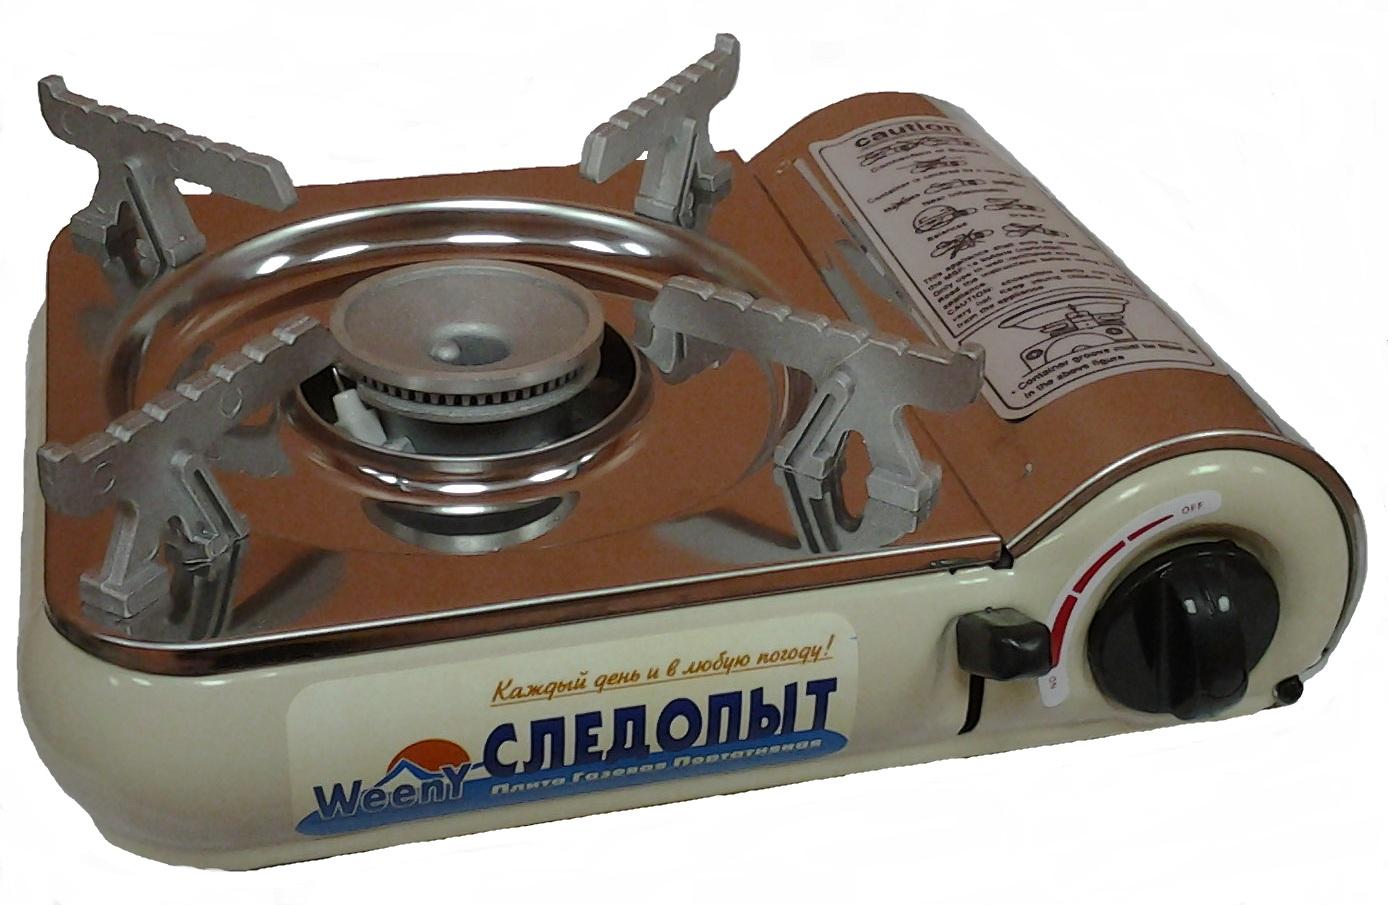 Плита газовая СЛЕДОПЫТ- WeenY, наст. (с подогревом) Плиты<br>Самая маленькая по габаритным размерам <br>настольная газовая плита «Следопыт-WeenY» <br>ХАРАКТЕРИСТИКИ: Мощность горелки:2,5 кВт. <br>Тип горелки: закрытая, с кольцевым пламенем <br>Вес плиты с кейсом: 1,2 кг. Габаритные размеры <br>плиты:250 х 190 х 70 мм. Расход газа:155 гр./час. <br>Пьезоэлектрический розжиг: есть Тип используемых <br>баллонов: - нажимной, с цанговым захватом<br>